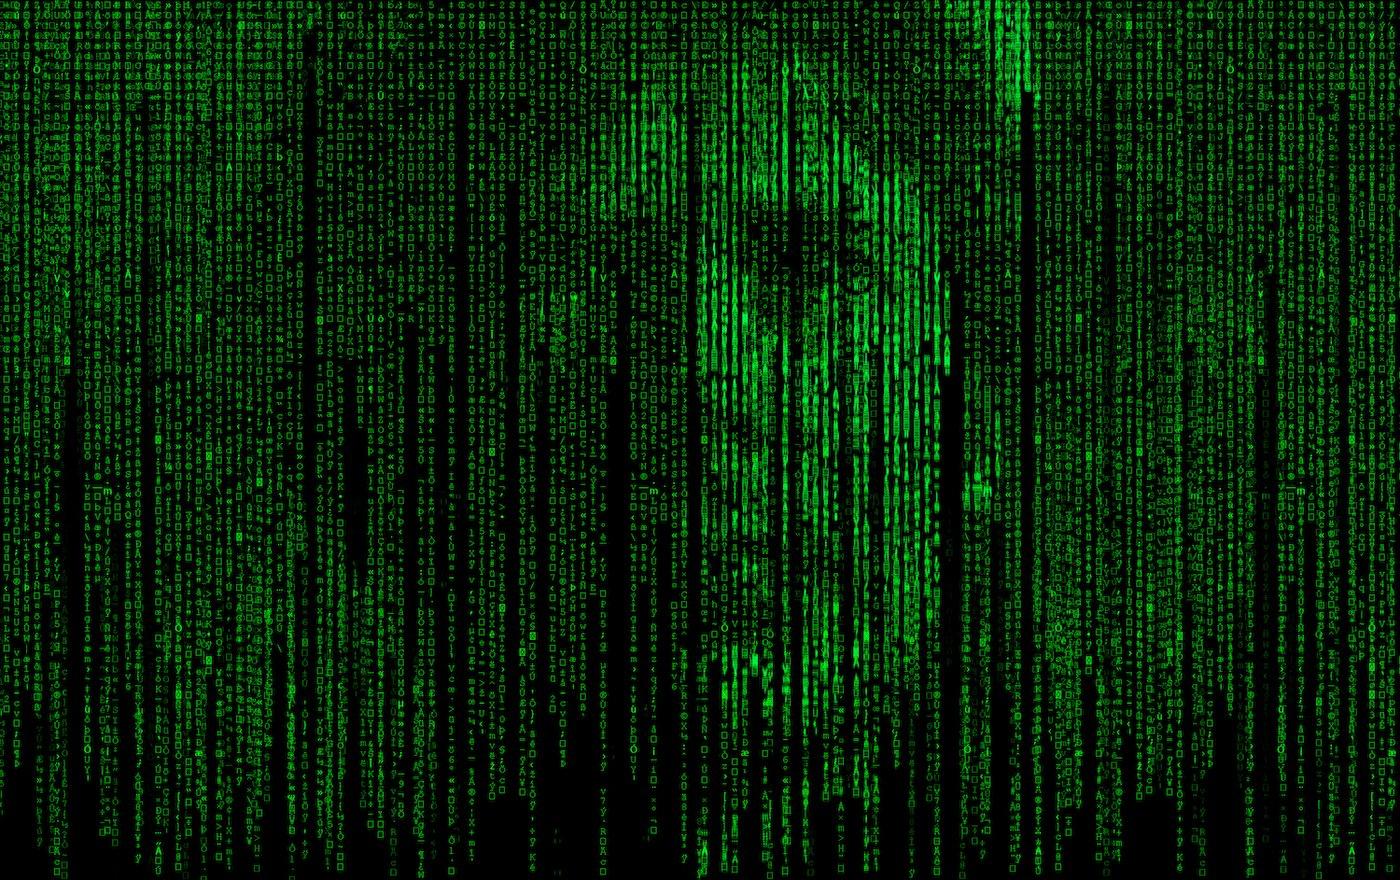 آیا واقعا زندگی ما یک شبیهسازی کامپیوتری است؟